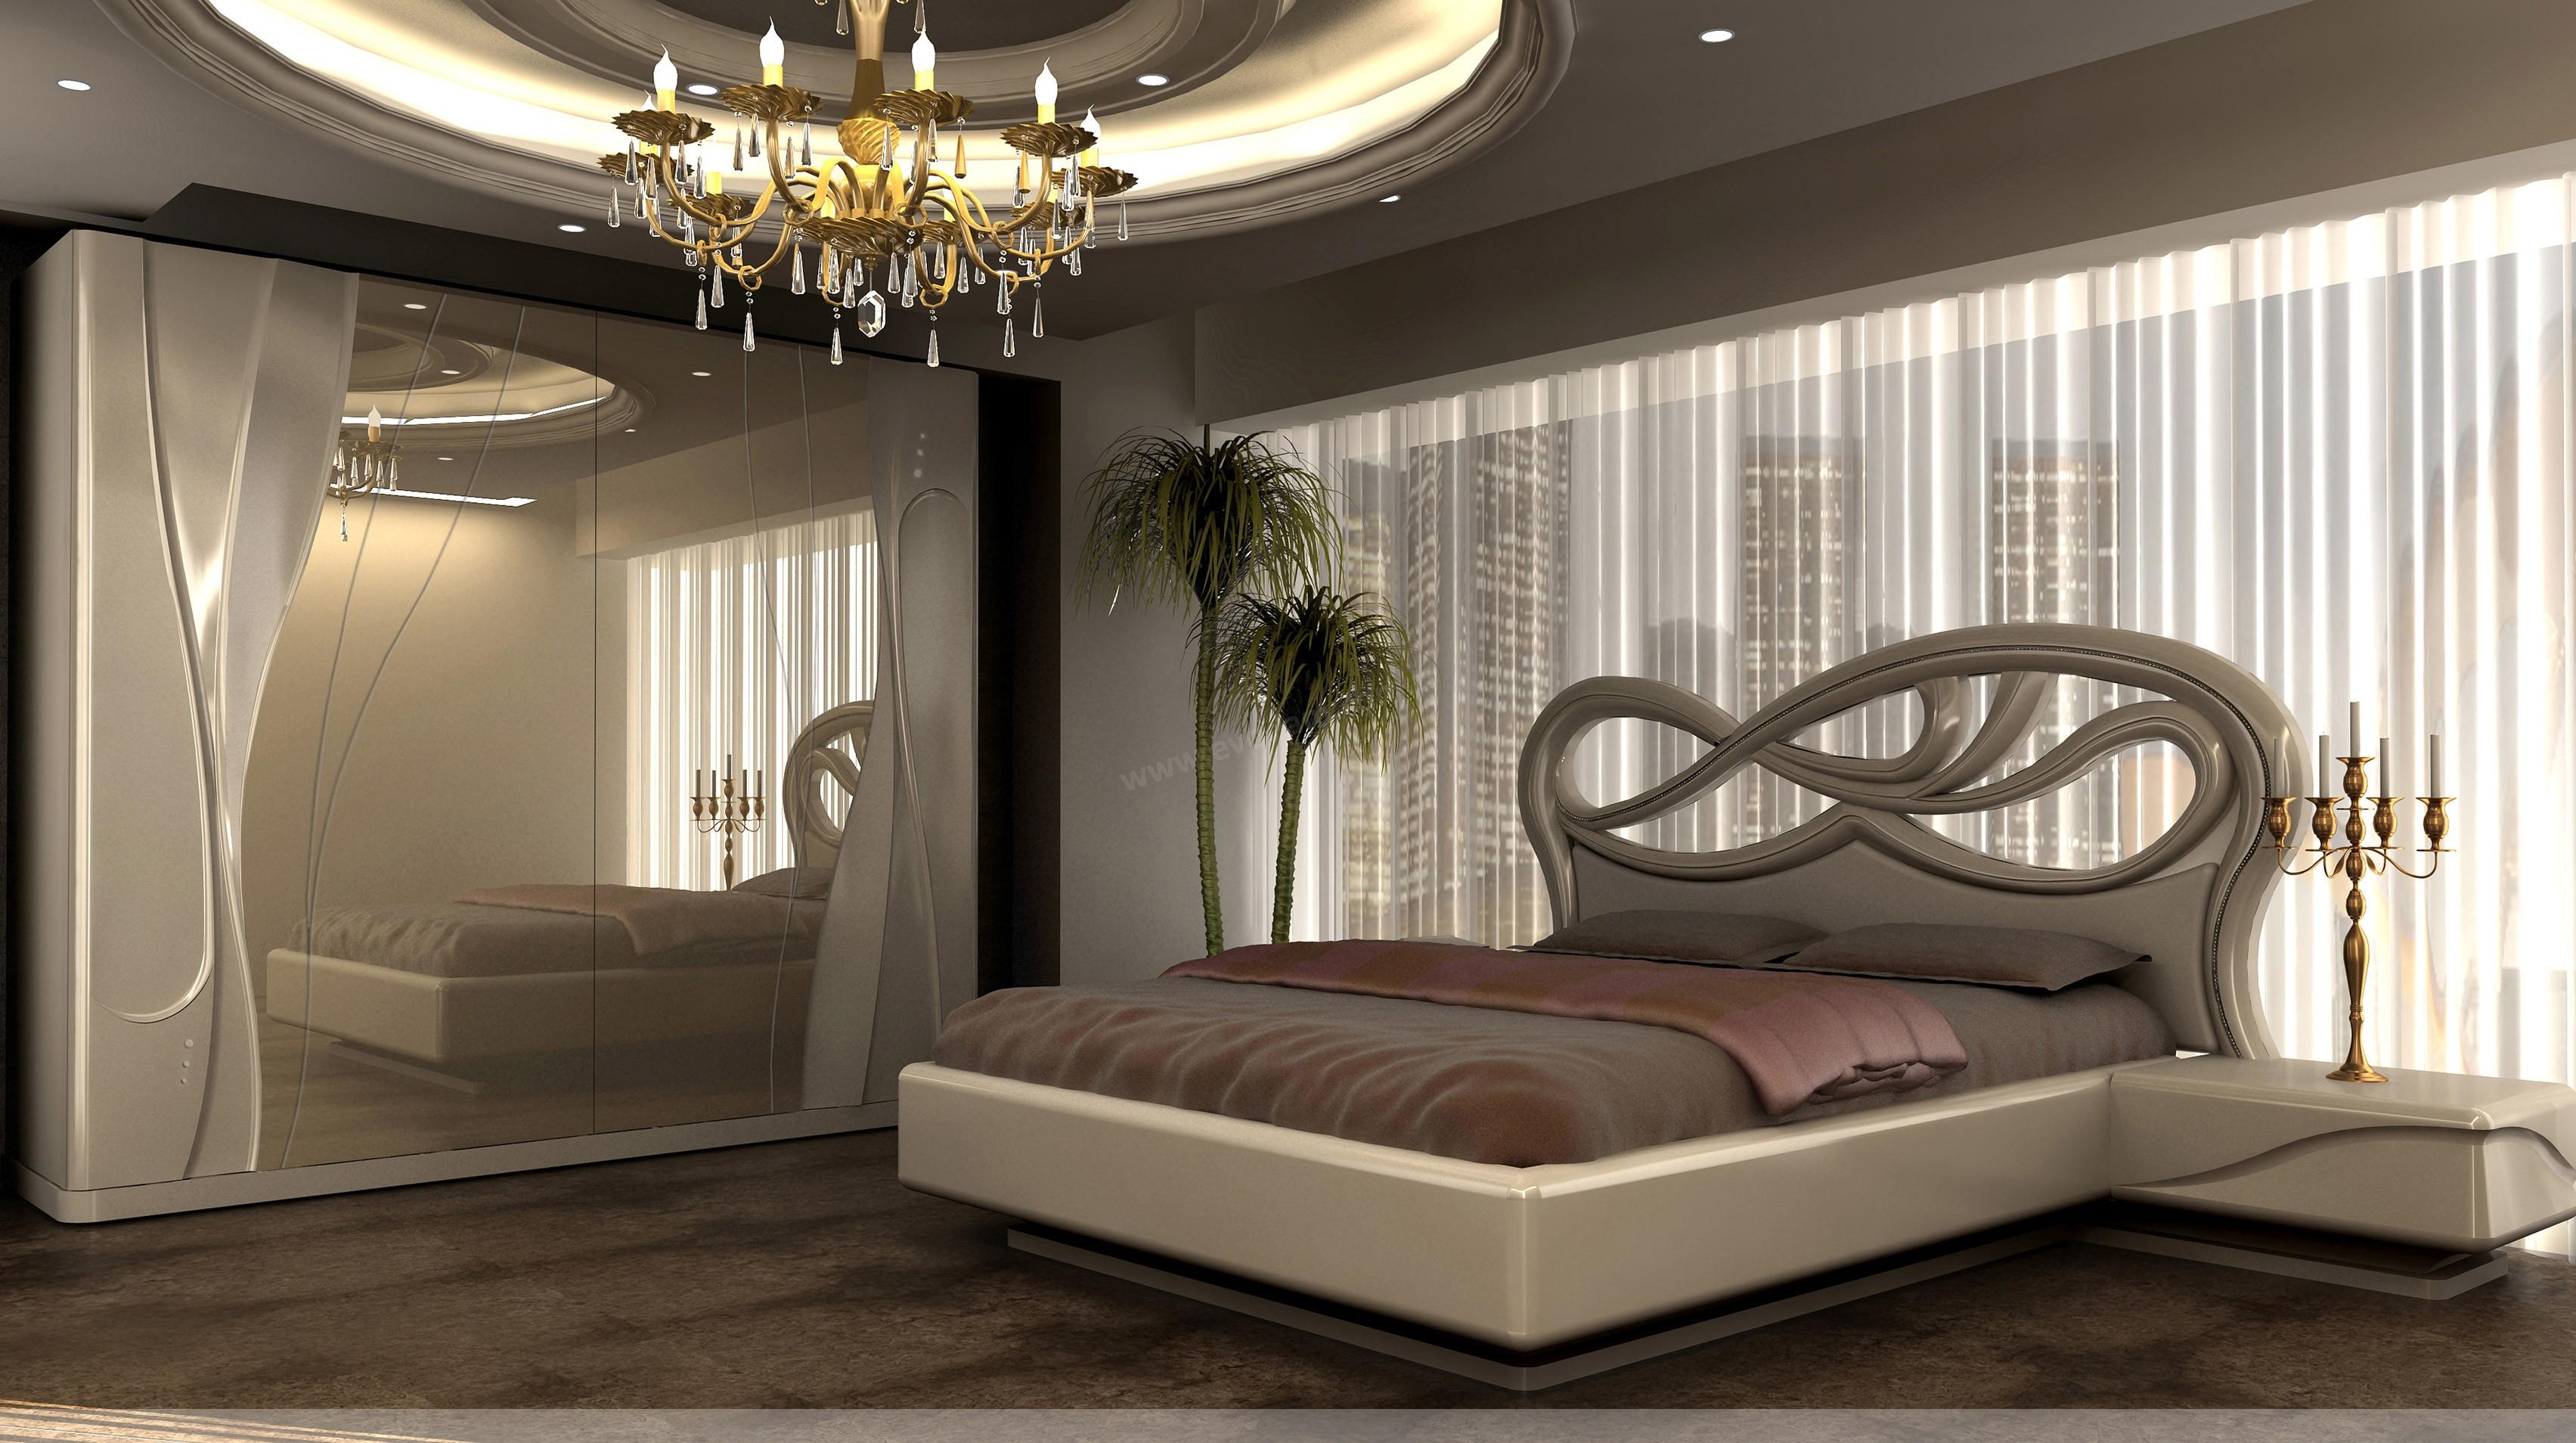 Yani nesil modern tasarım modoko yatak odası örnekleri